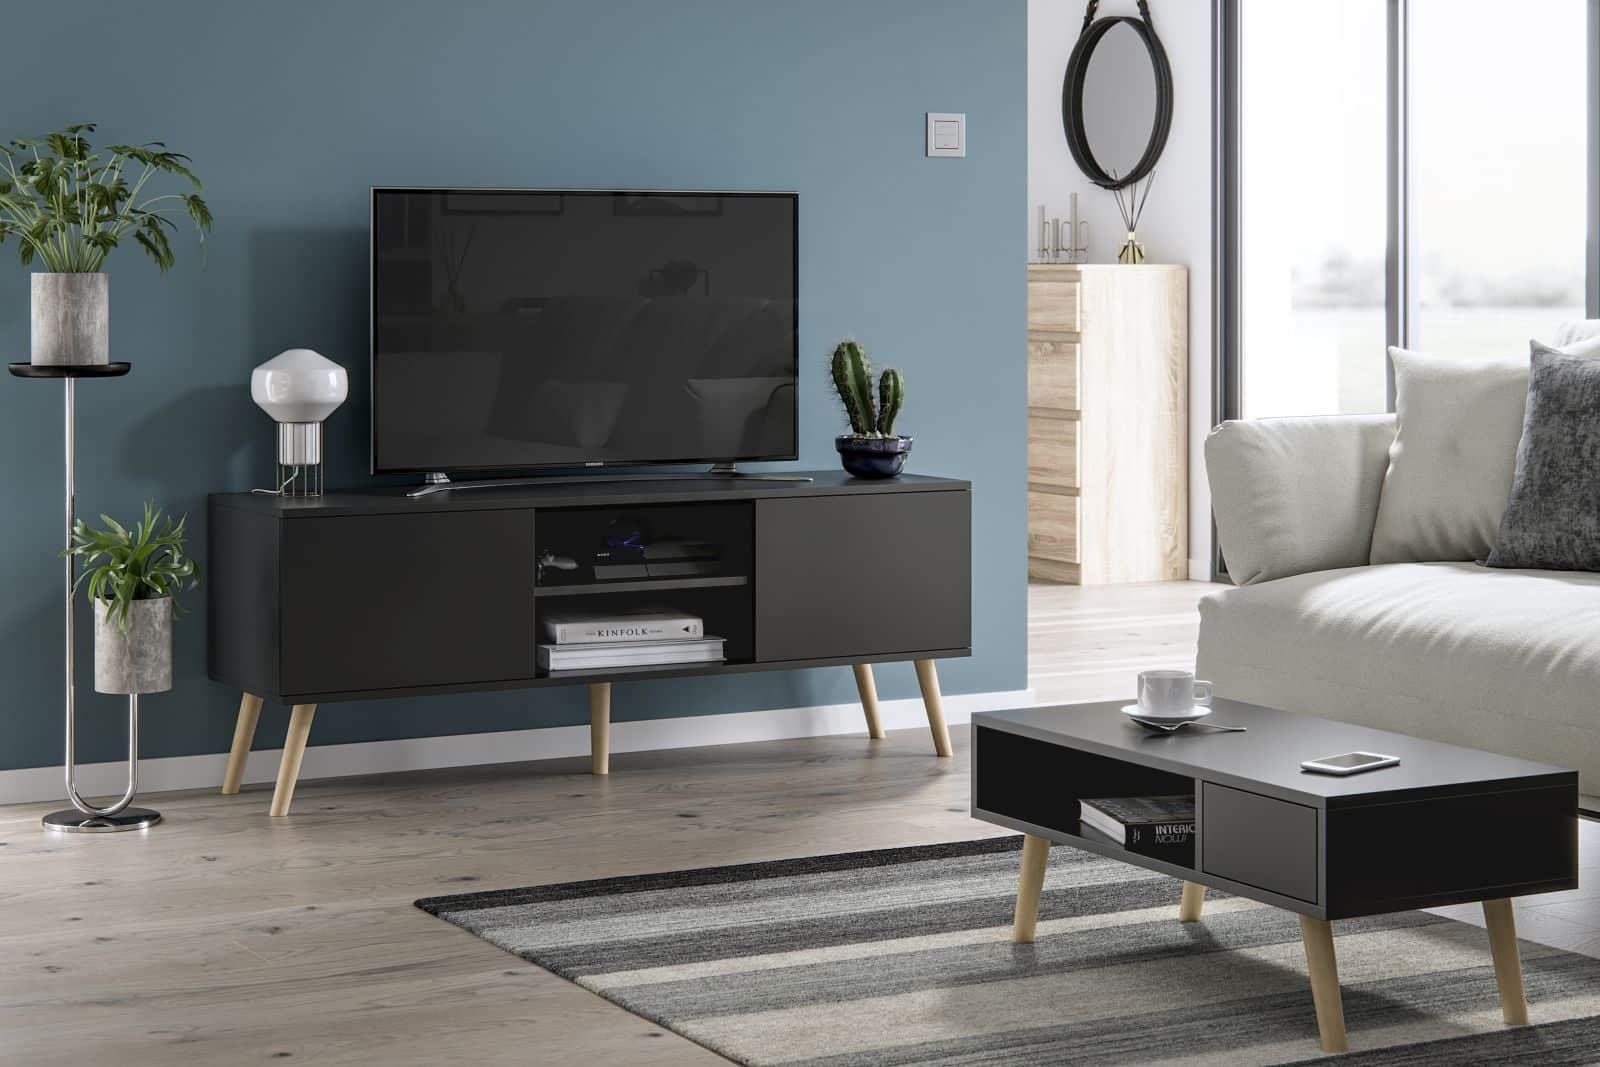 Meubles de salon table basse Juliette et meuble TV Roméo noir mat